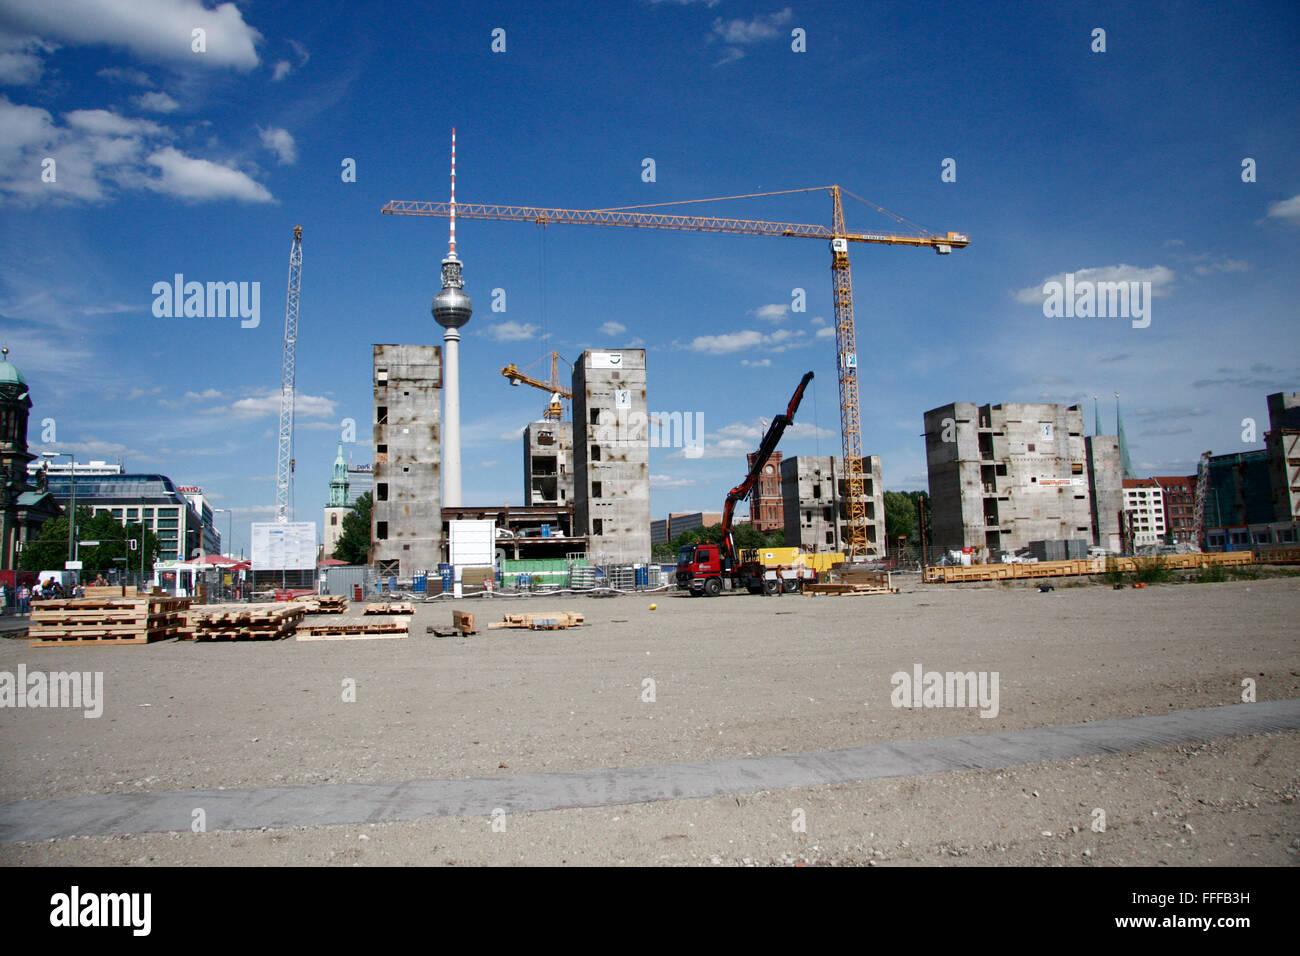 Ruine des Palastes der Republik im August 2008, Berlin-Mitte. - Stock Image